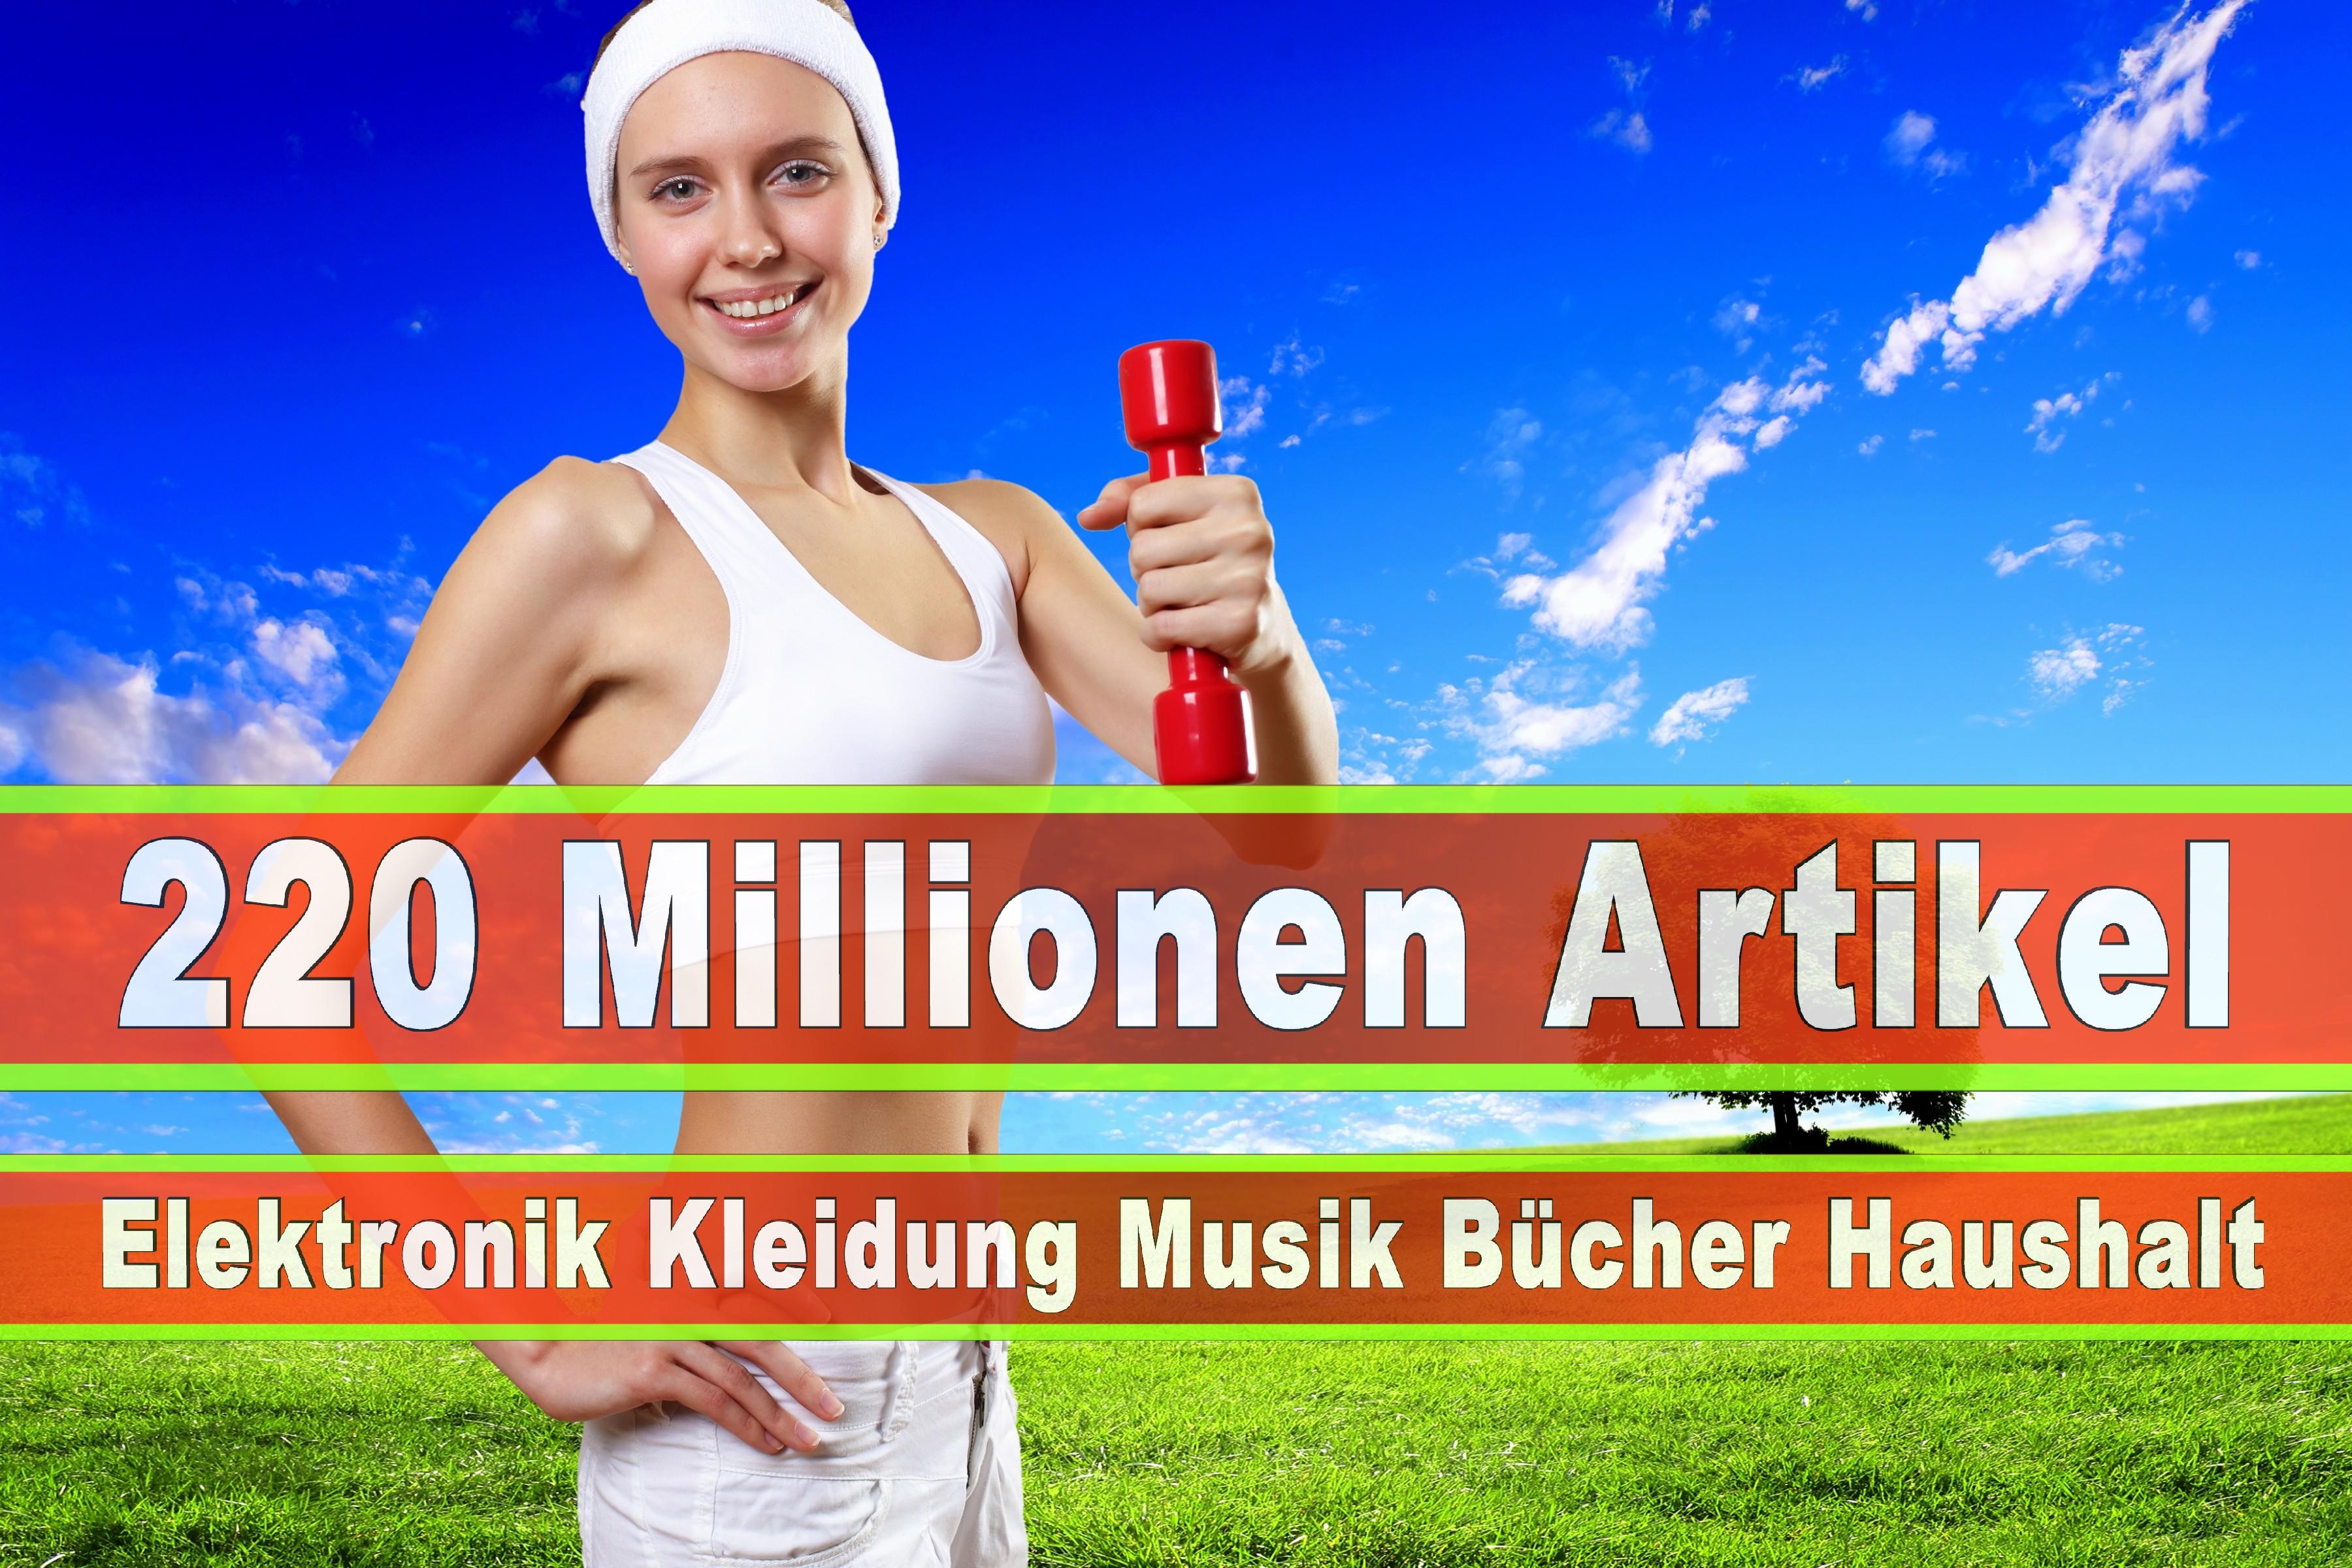 Amazon Elektronik Musik Haushalt Bücher CD DVD Handys Smartphones TV Television Fernseher Kleidung Mode Ebay Versandhaus (231)